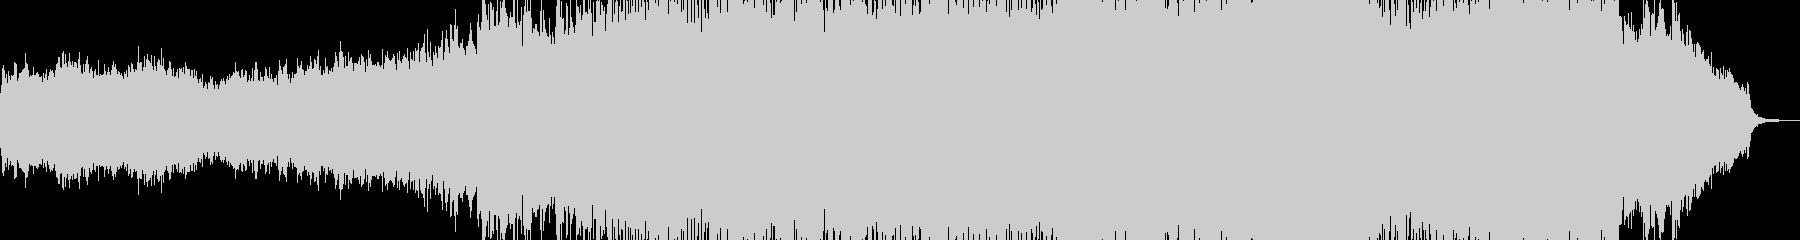 オルガン・幕開け盛大な作品に 長尺の未再生の波形